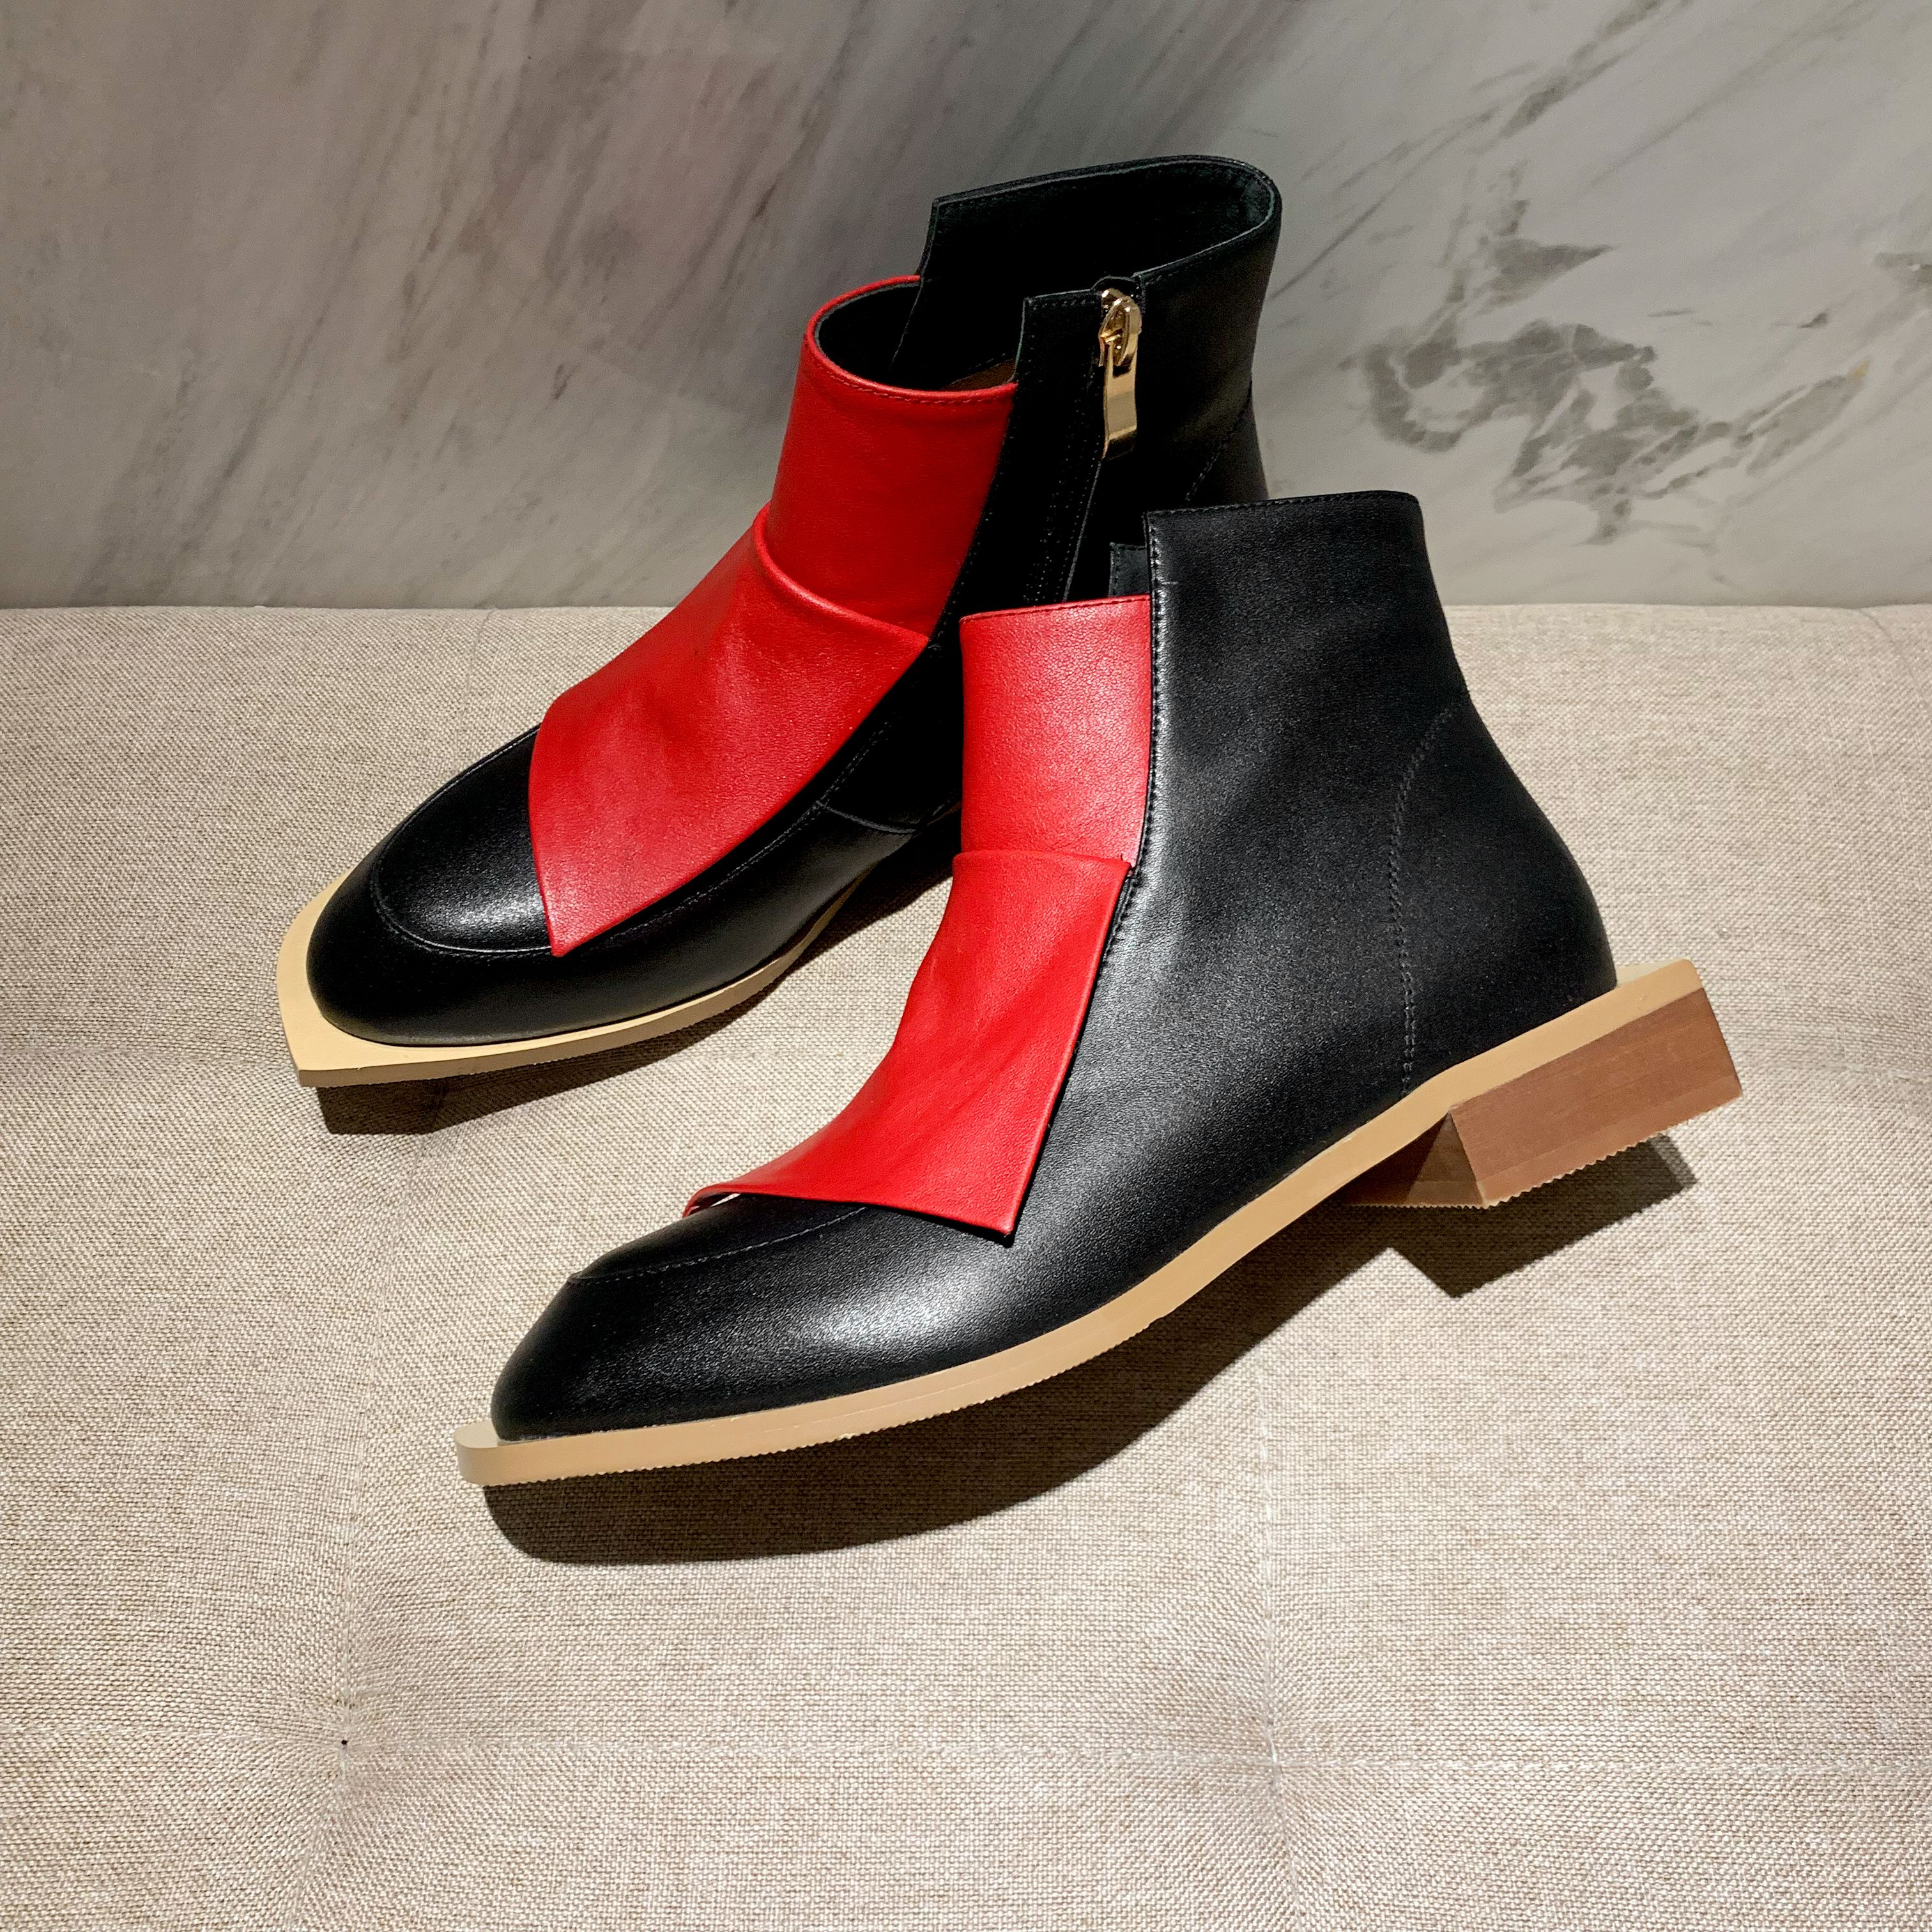 INS/популярные женские ботильоны модная женская обувь длиной 22 26,5 см двухцветные ботинки с вышивкой женские осенне зимние ботинки|Полусапожки|   | АлиЭкспресс